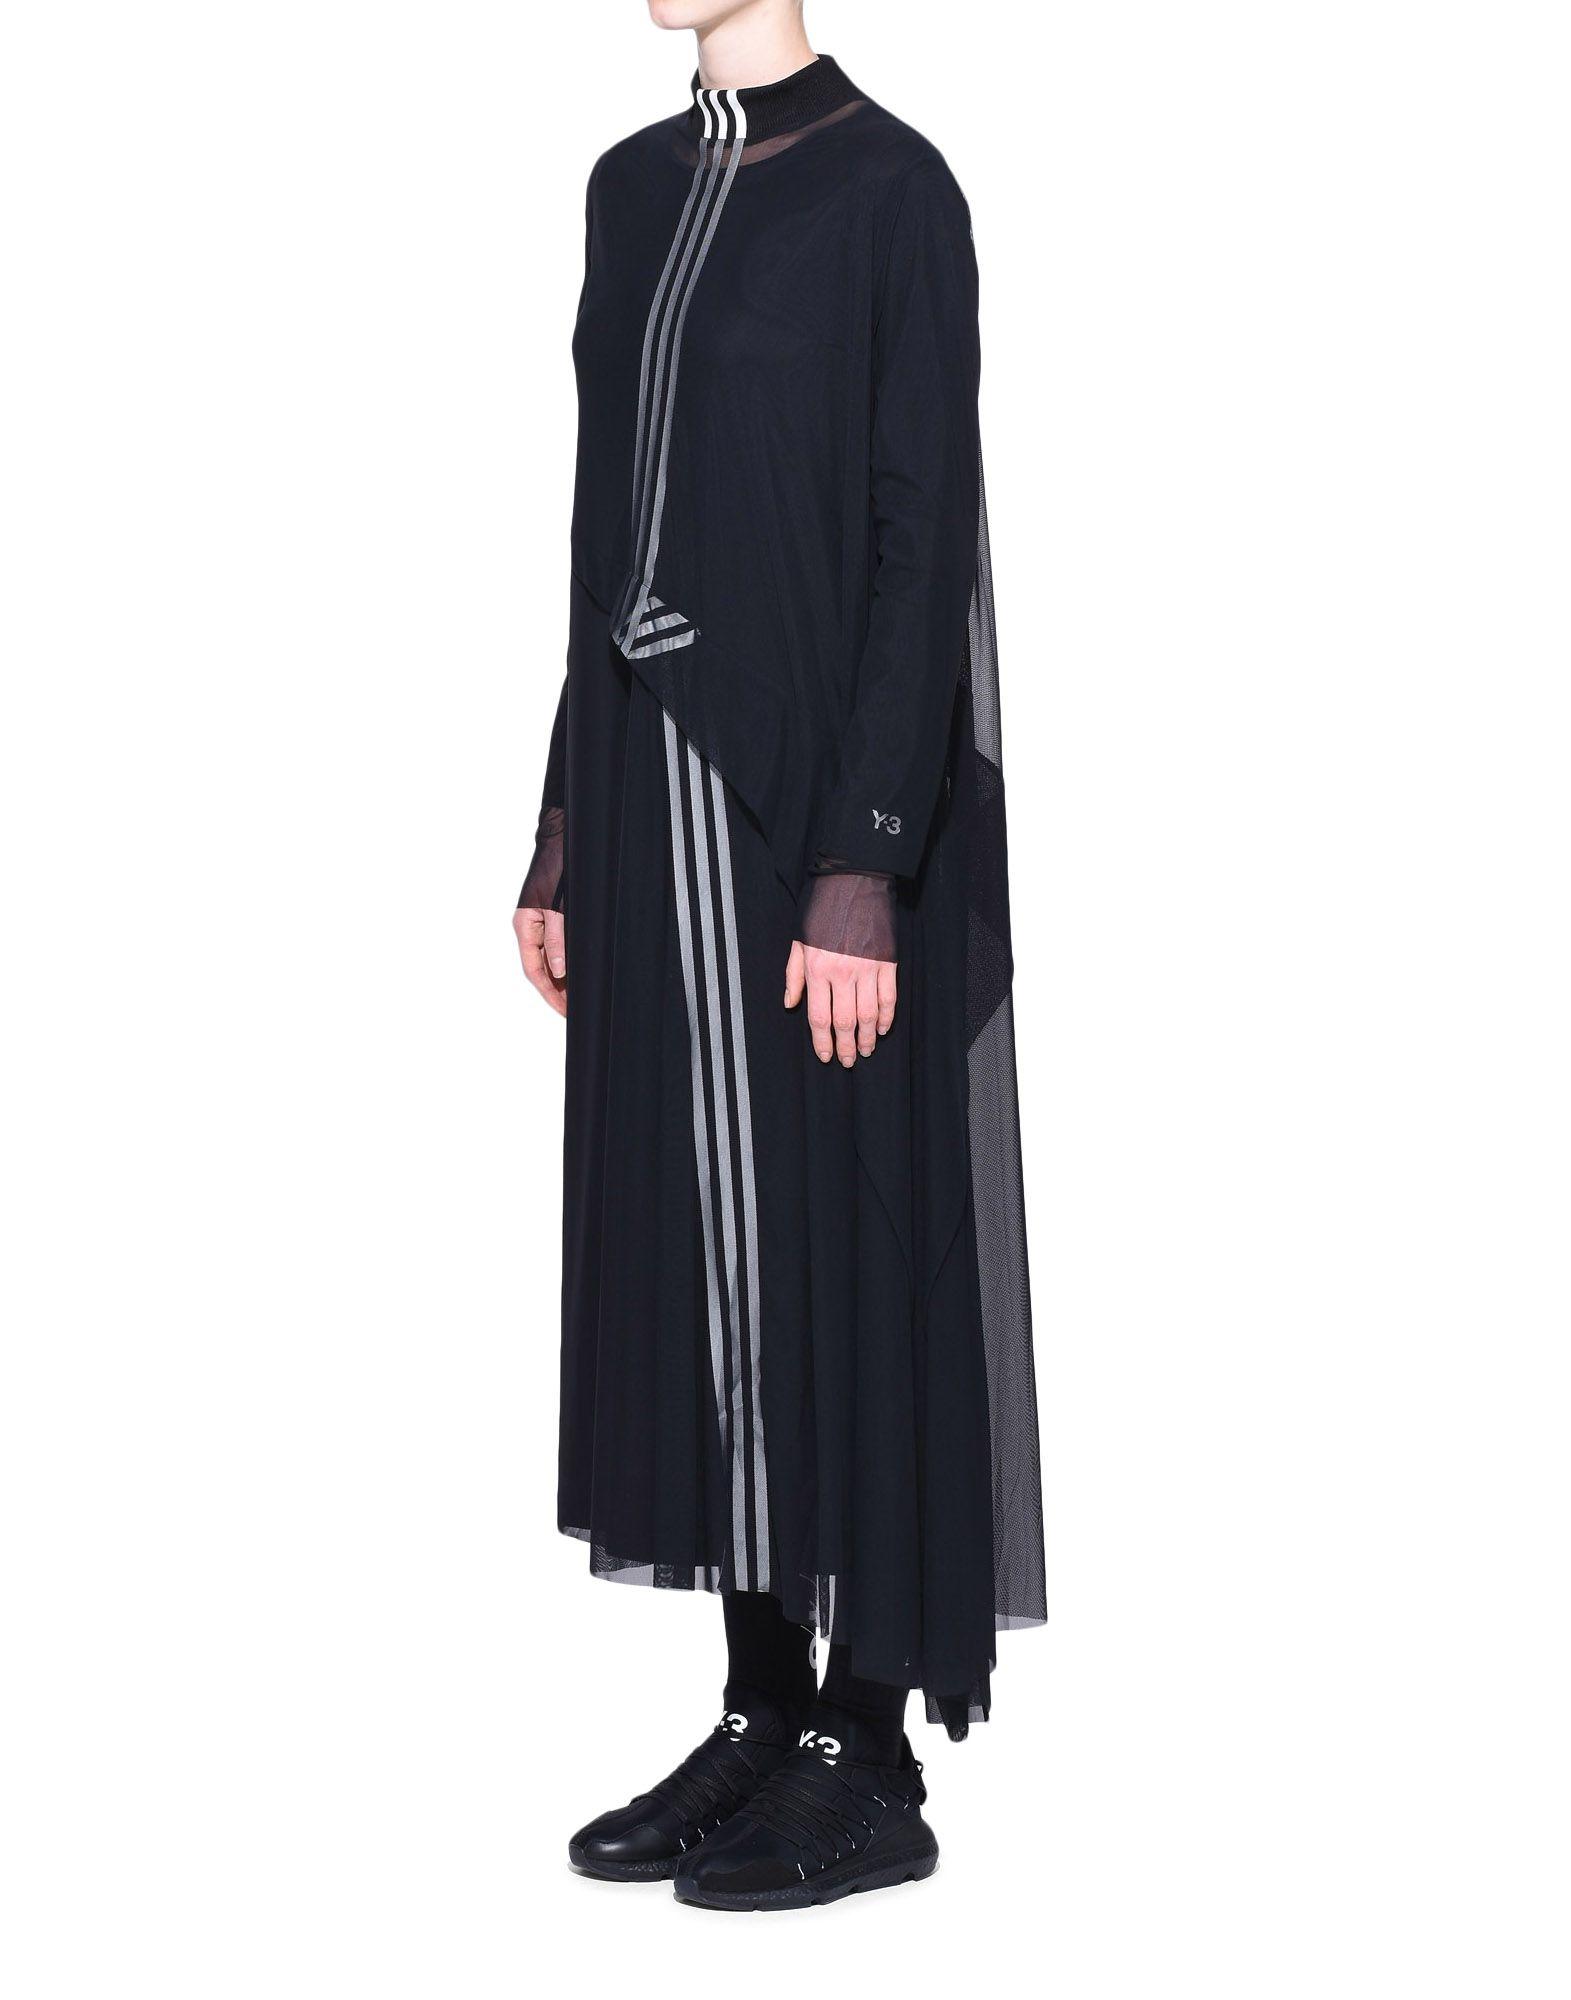 Y-3 Y-3 3-Stripes Mesh Dress Длинное платье Для Женщин e